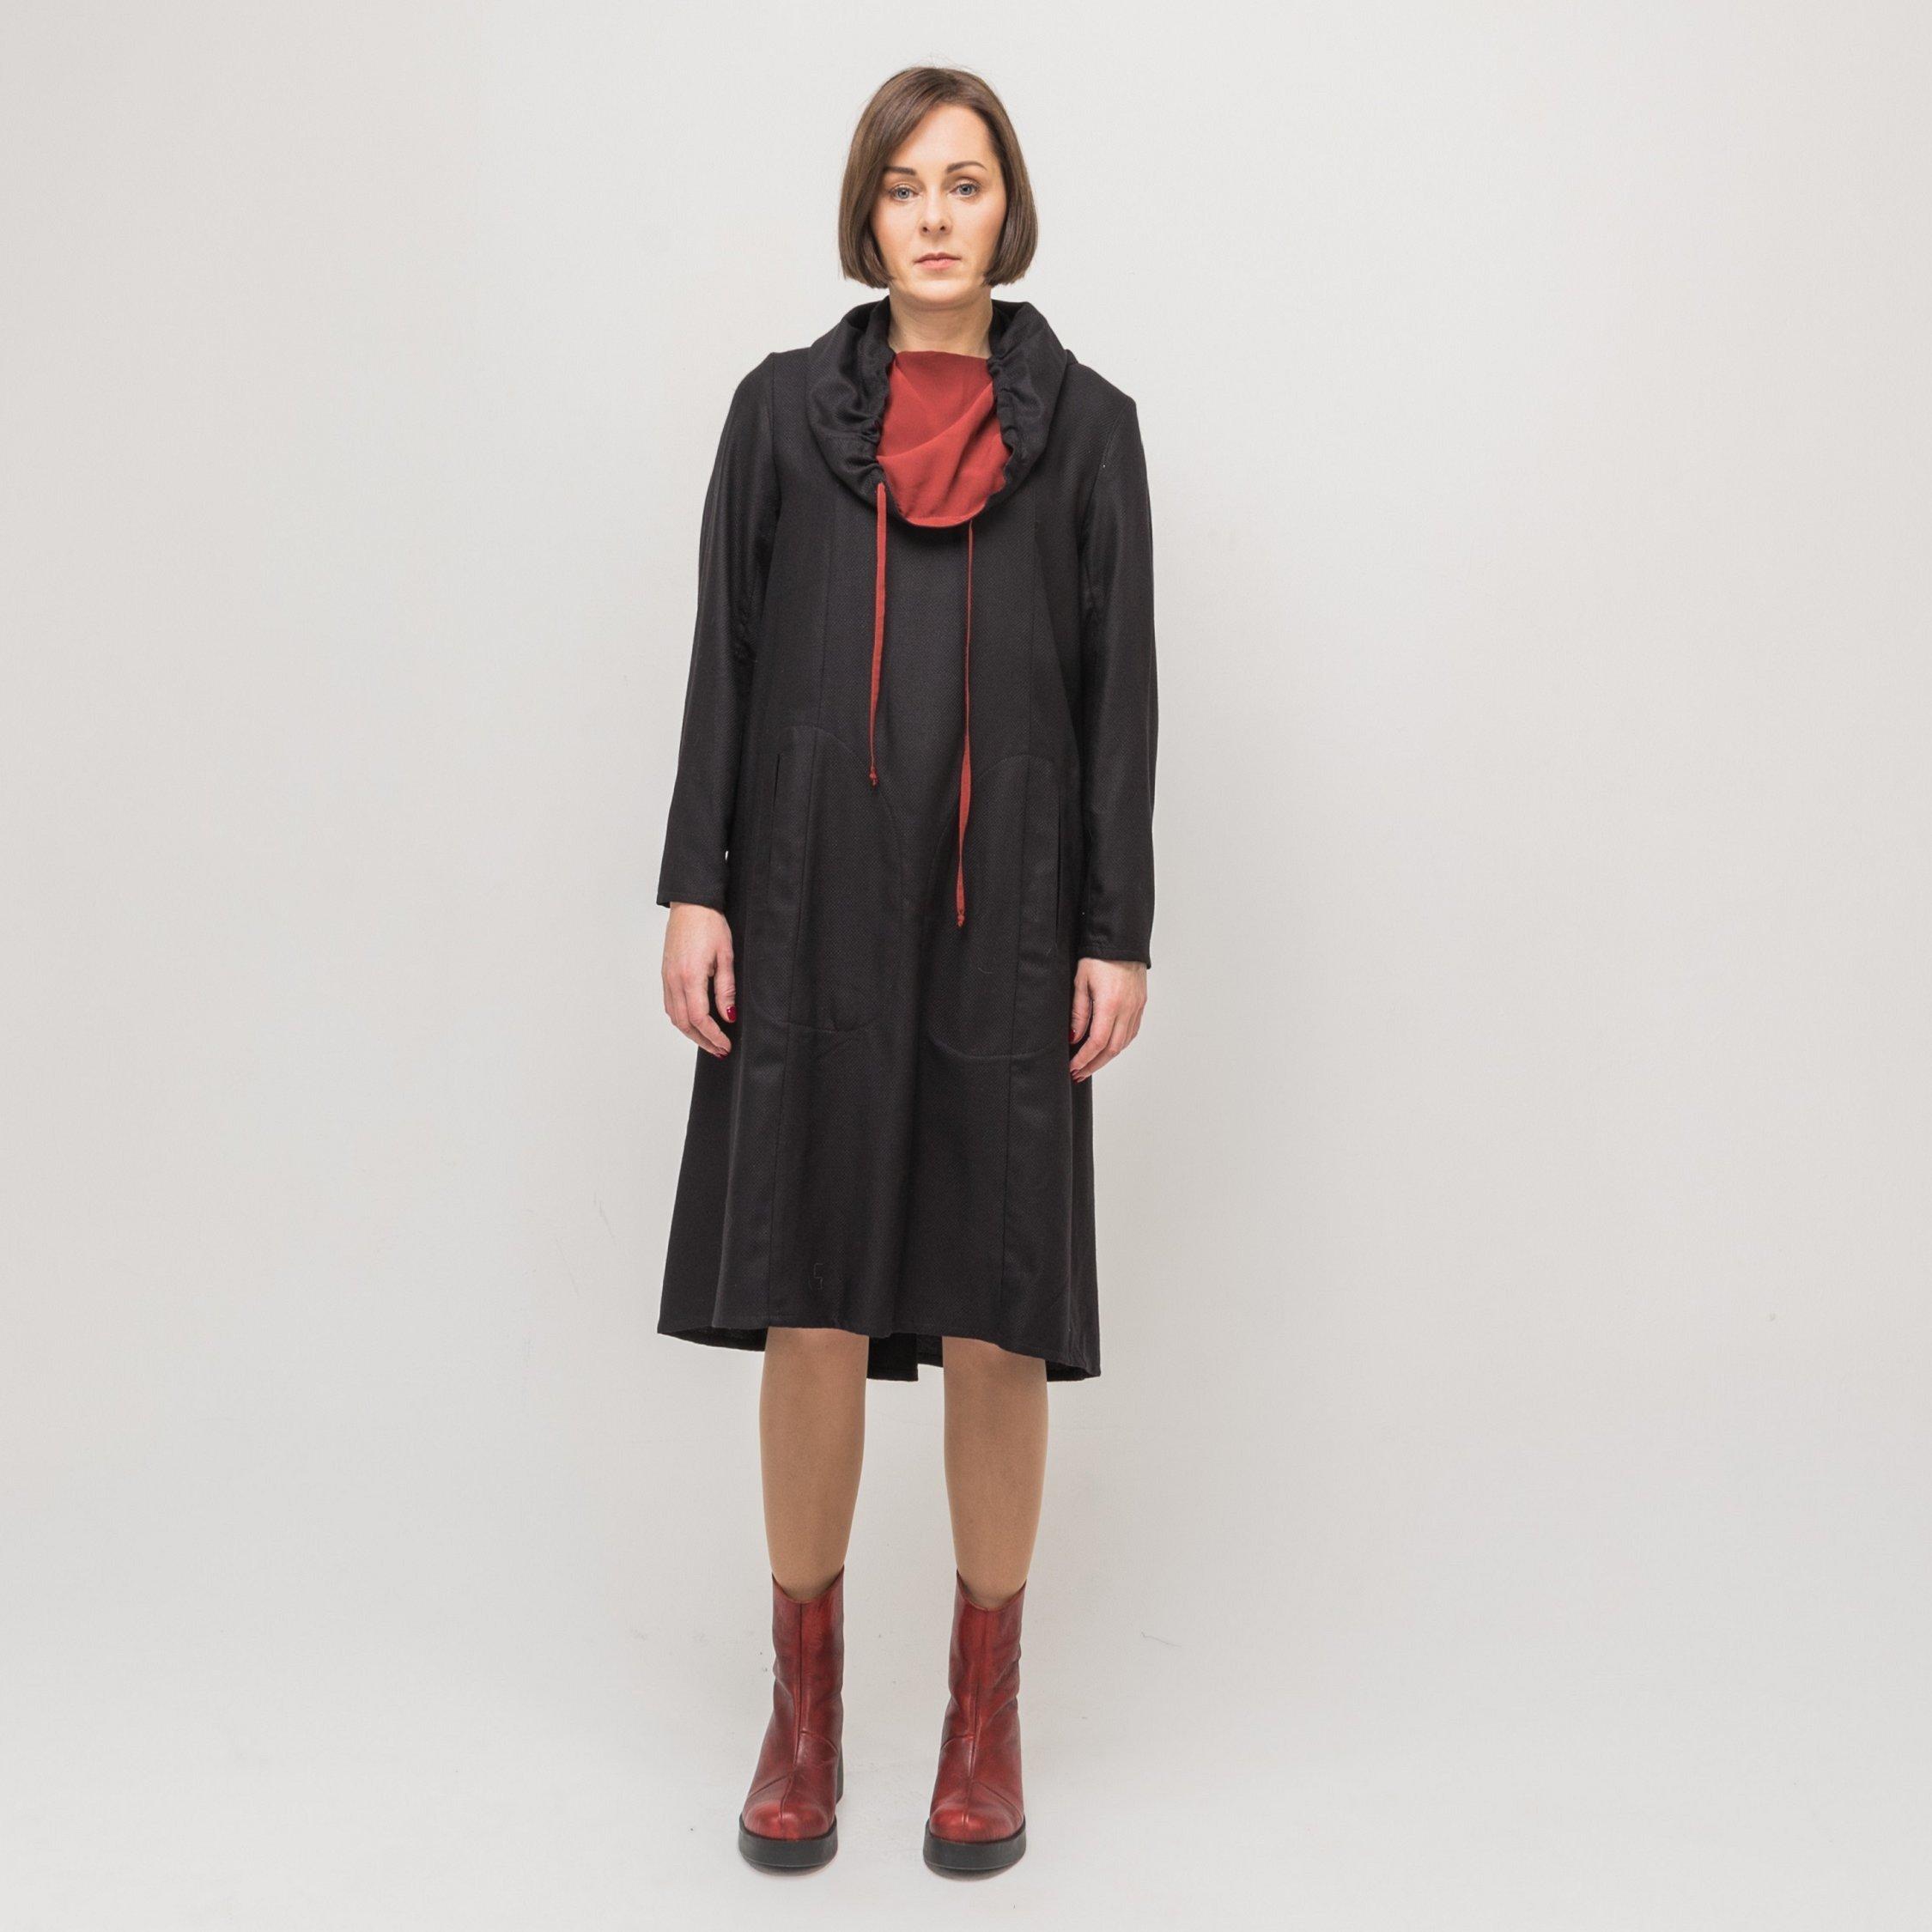 Платье черное с красным воротником